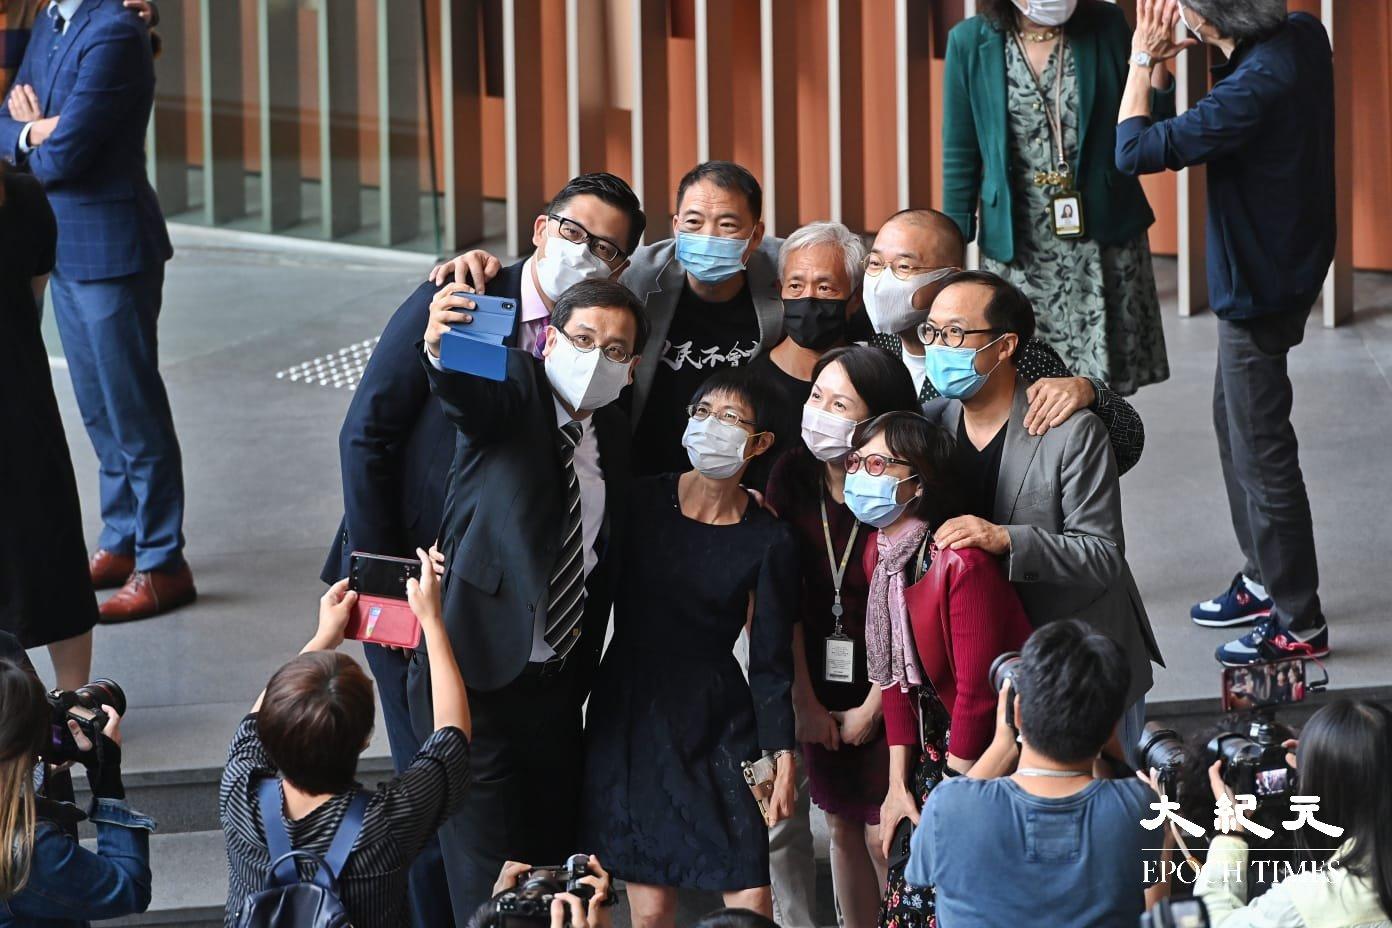 部份民主派立法會議員在立法會拍照留念。(宋碧龍/大紀元)